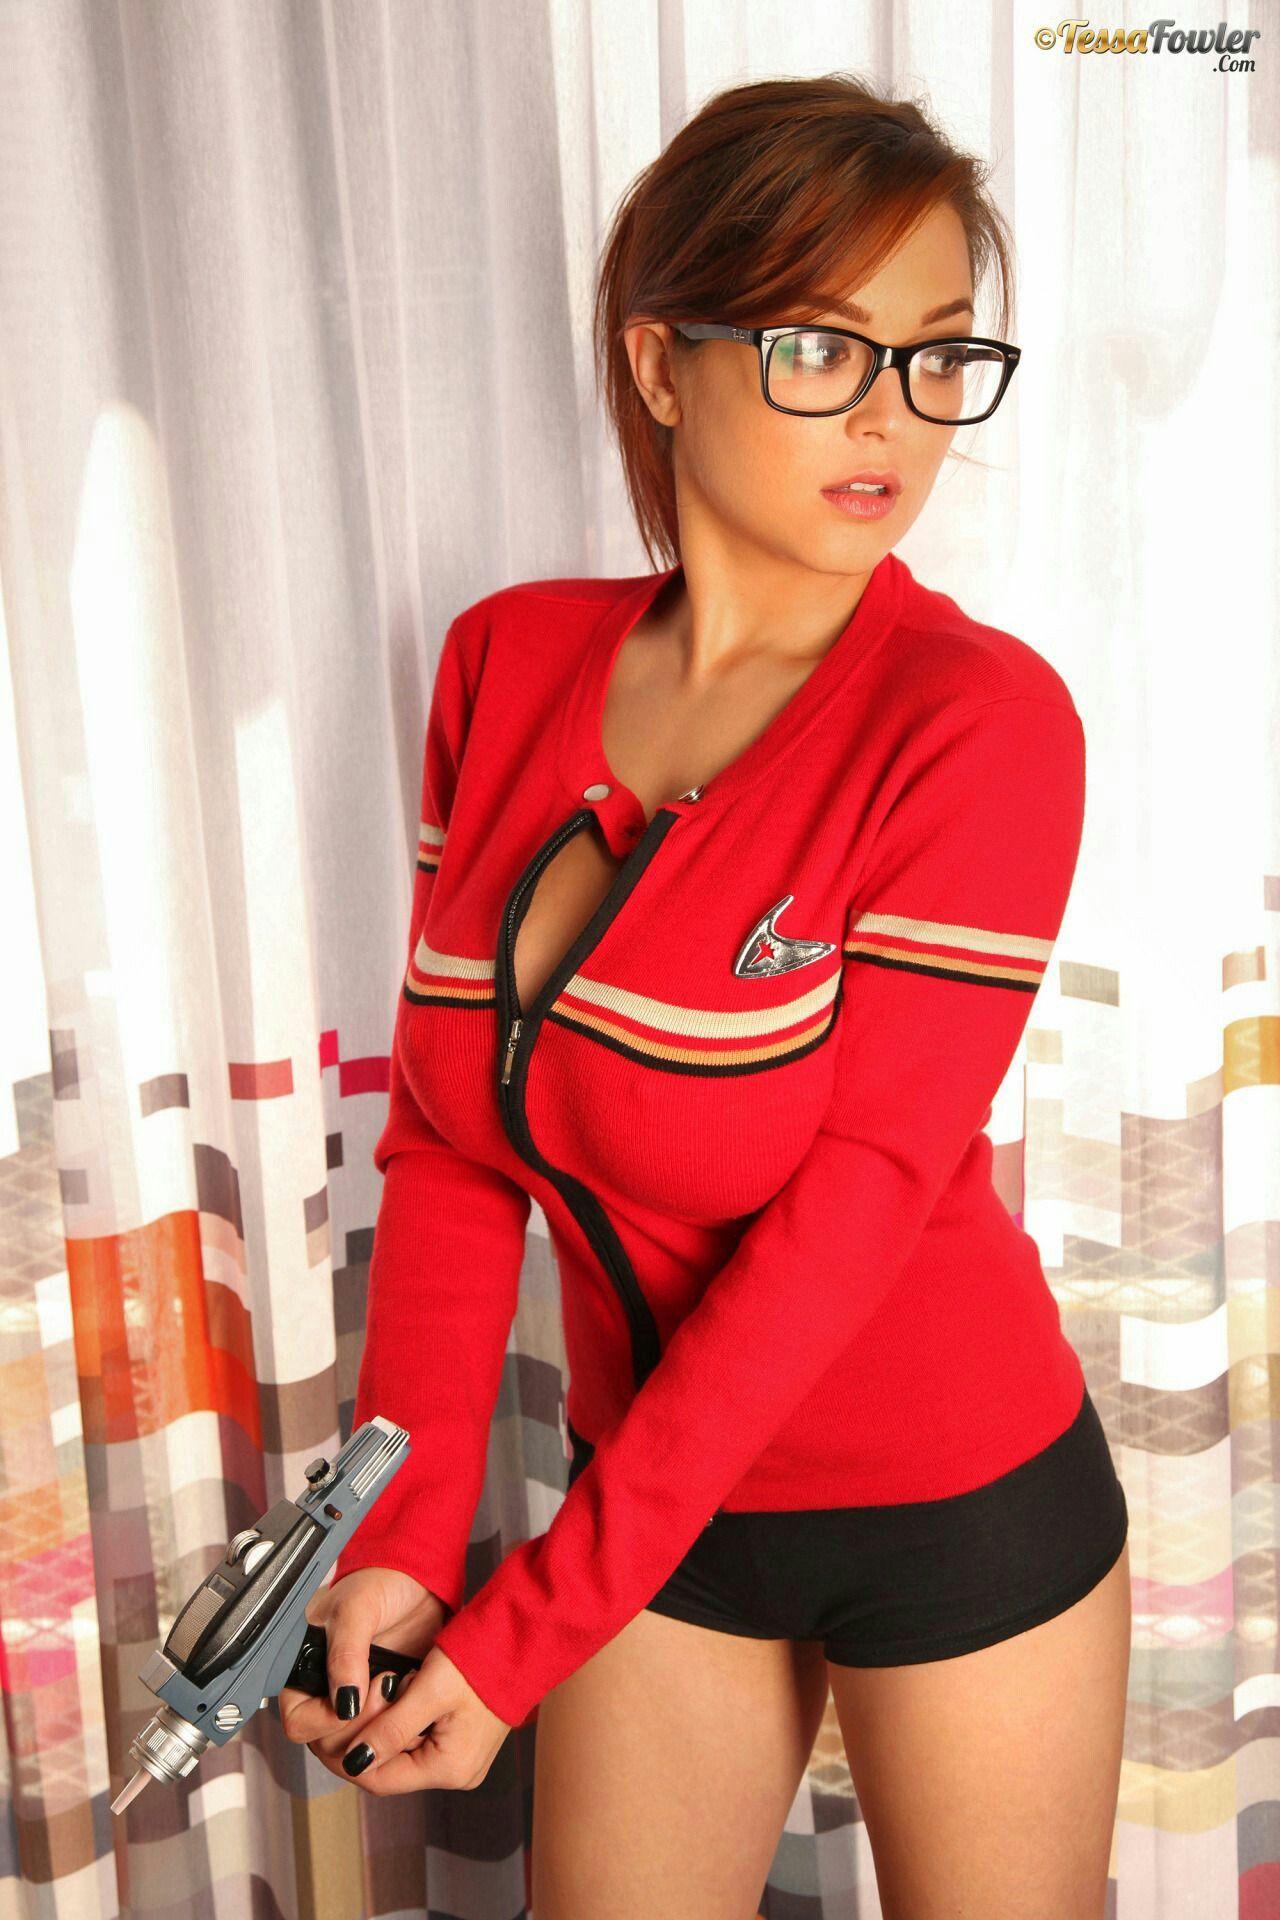 Tessa Fowler is a Star Trek babe - The Boobs Blog